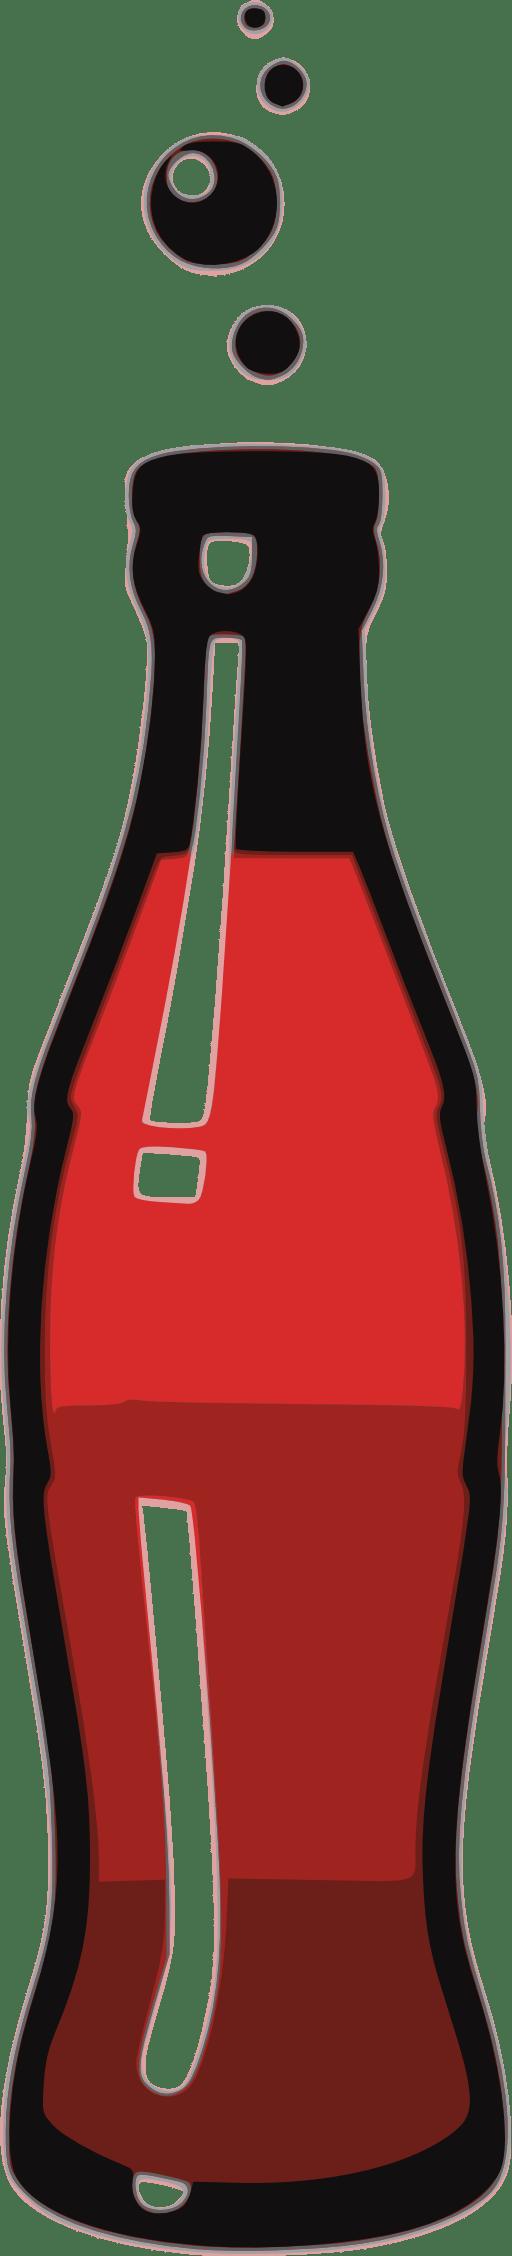 medium resolution of soda bottle clipart